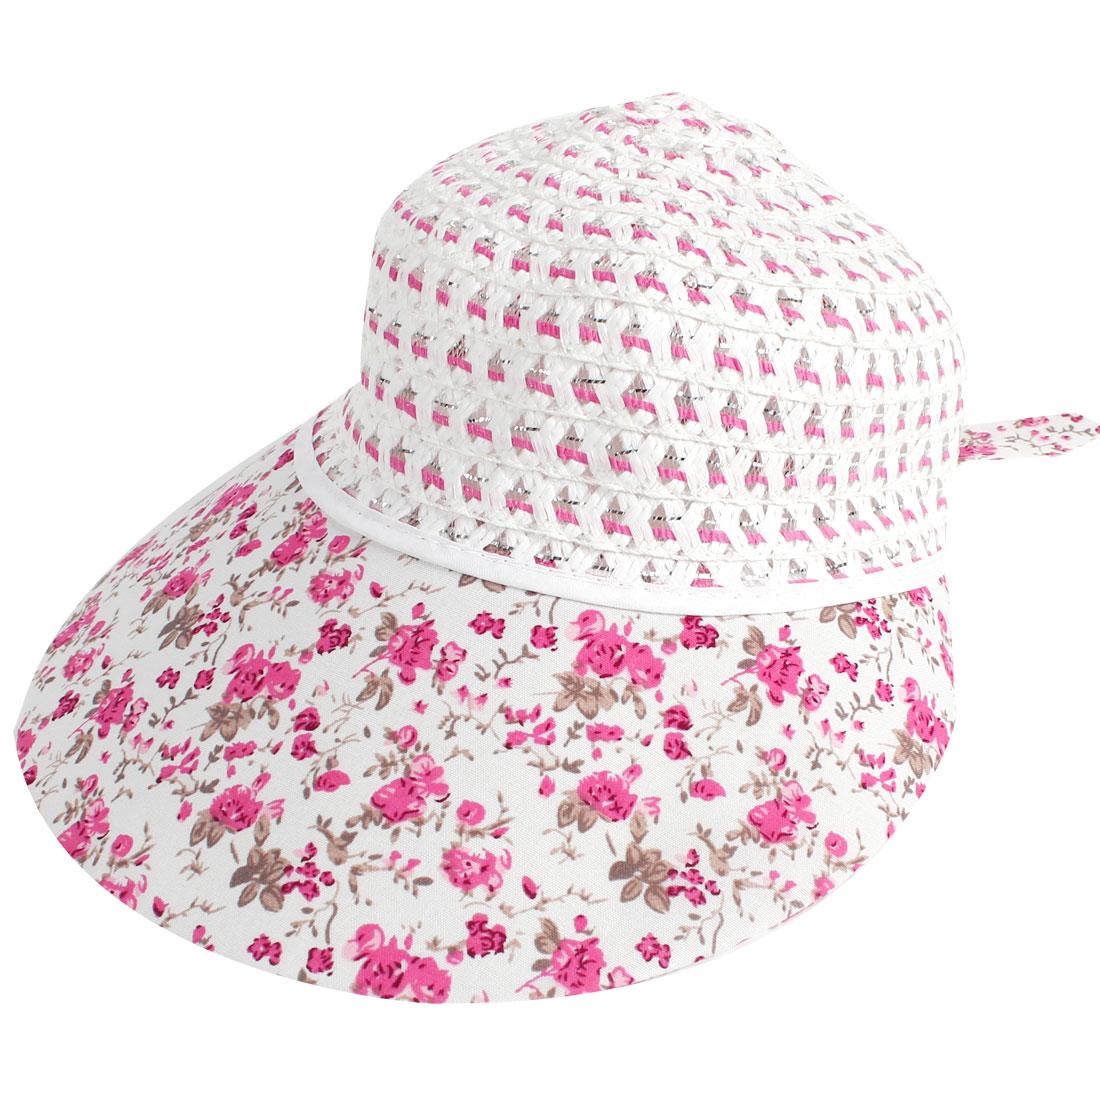 Woman Flower Printed Nylon Mesh Flap Bucket Style Poke Bonnet Hat Cap Pink White